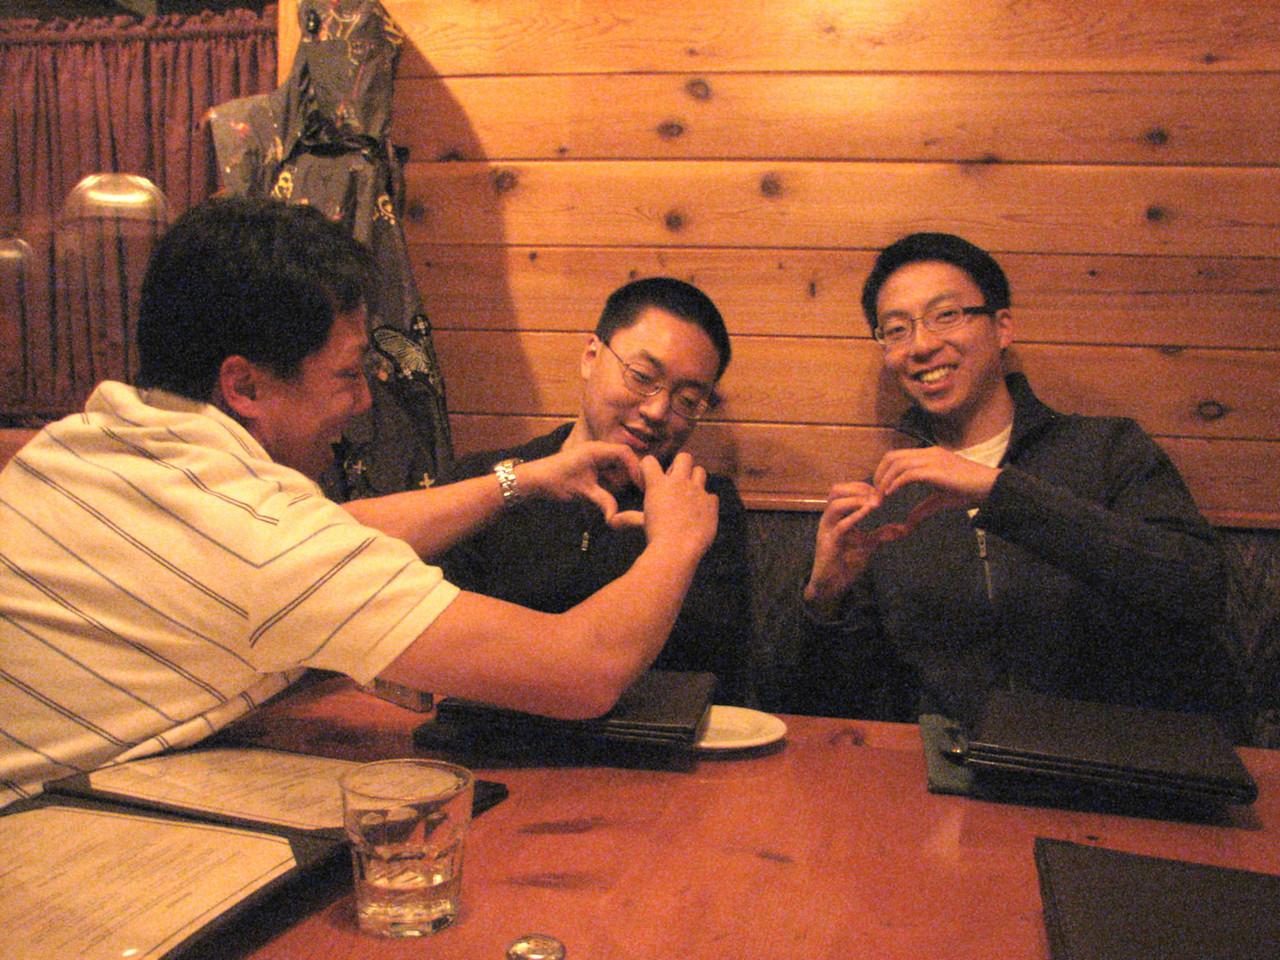 2008 02 09 Sat - Manly men of Mogul - Larry Lee, Caleb Yang, & Desmond Chiu